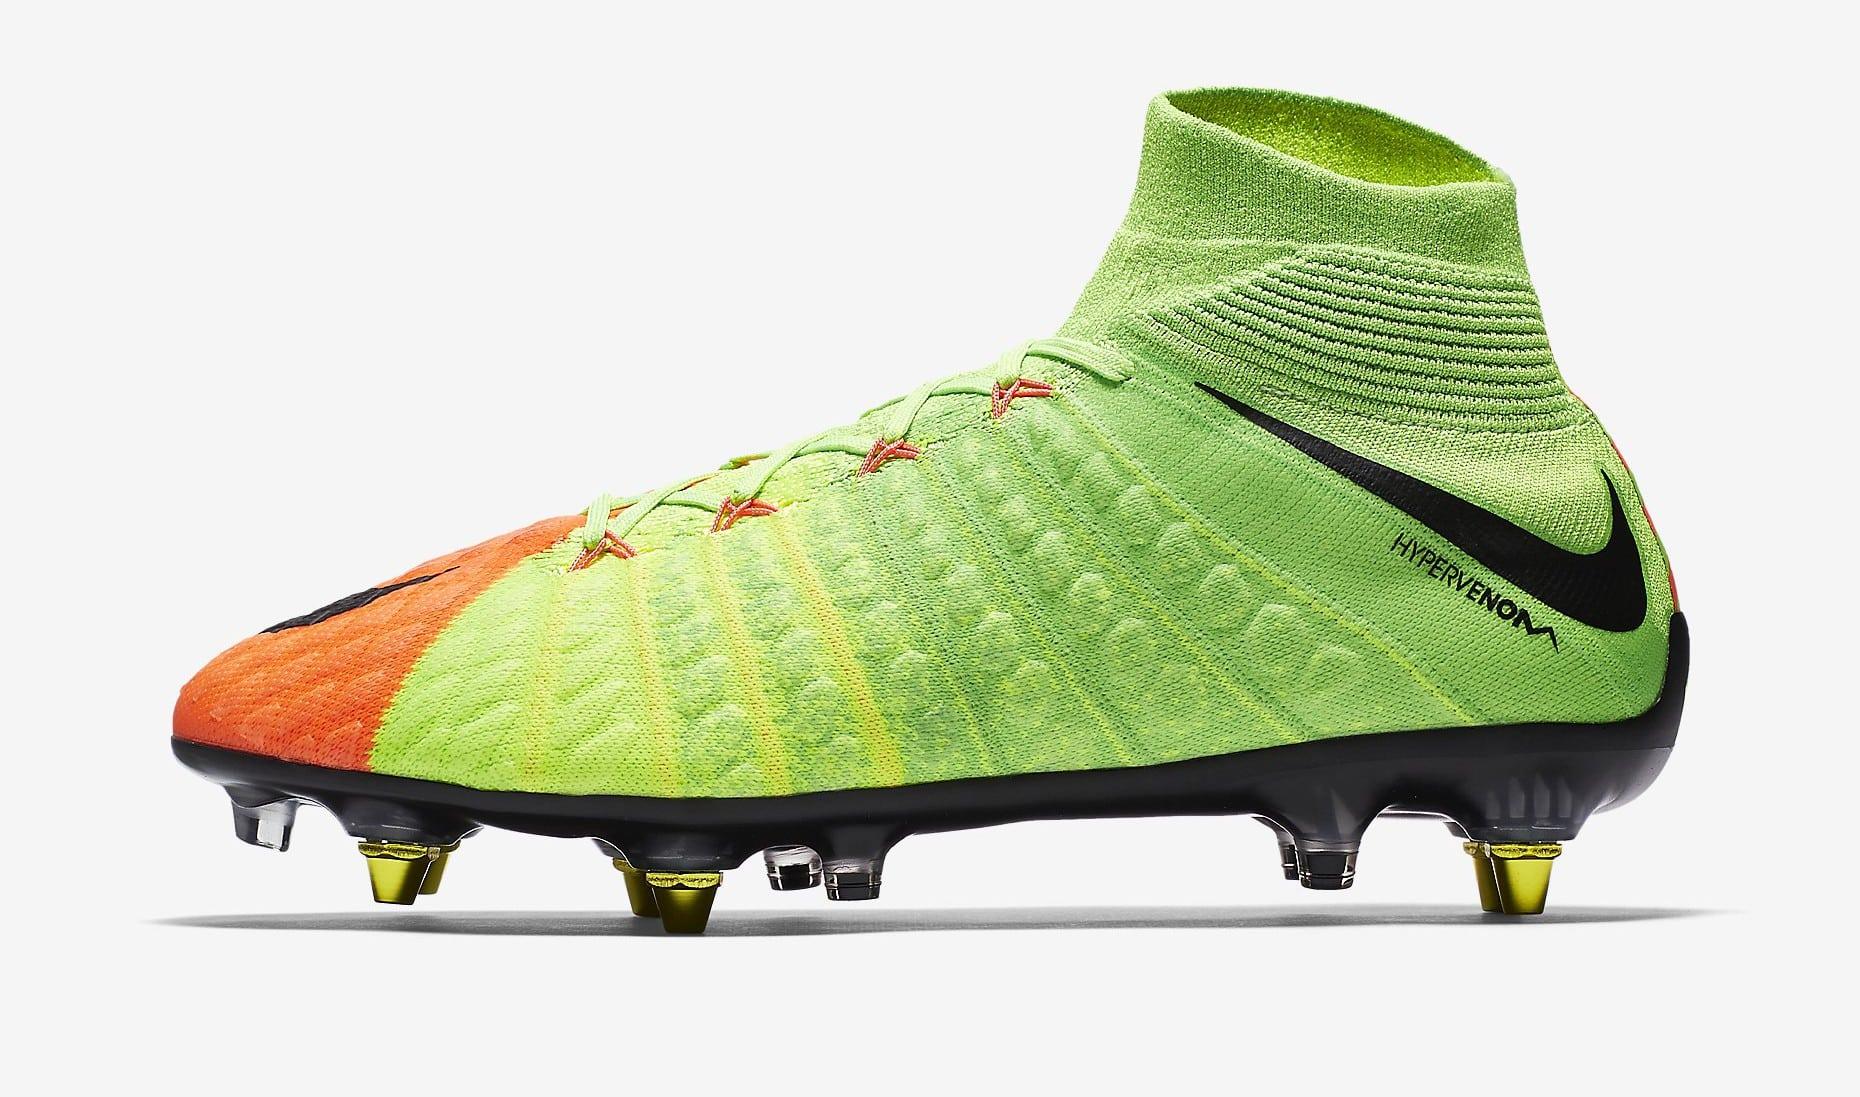 chaussure-de-football-a-crampons-pour-terrain-gras-hypervenom-phantom-3-df-sg-pro-ac-pour